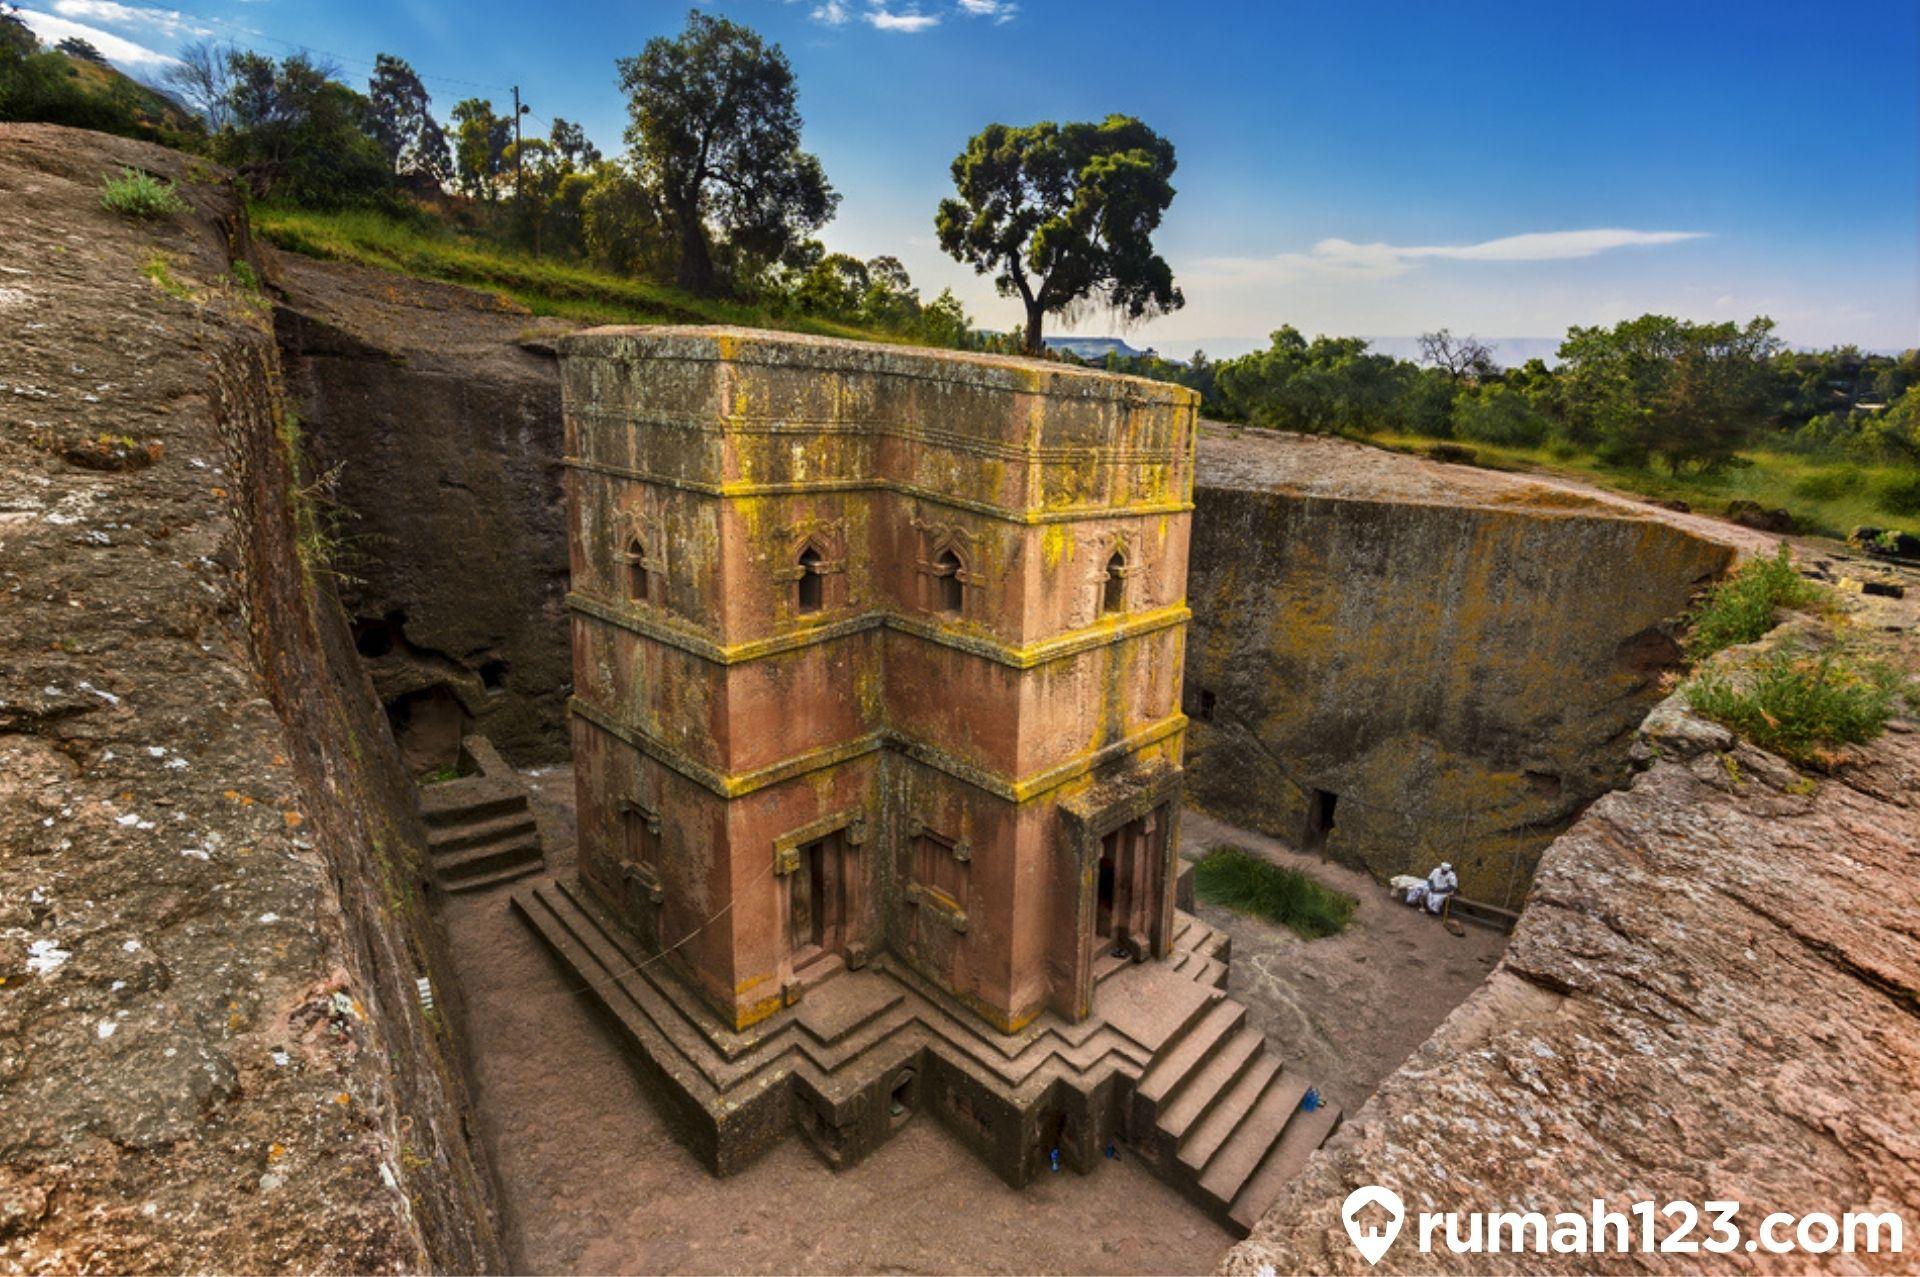 10 Daftar Negara Tertua di Dunia Berdasarkan Sejarah Masa Lampau